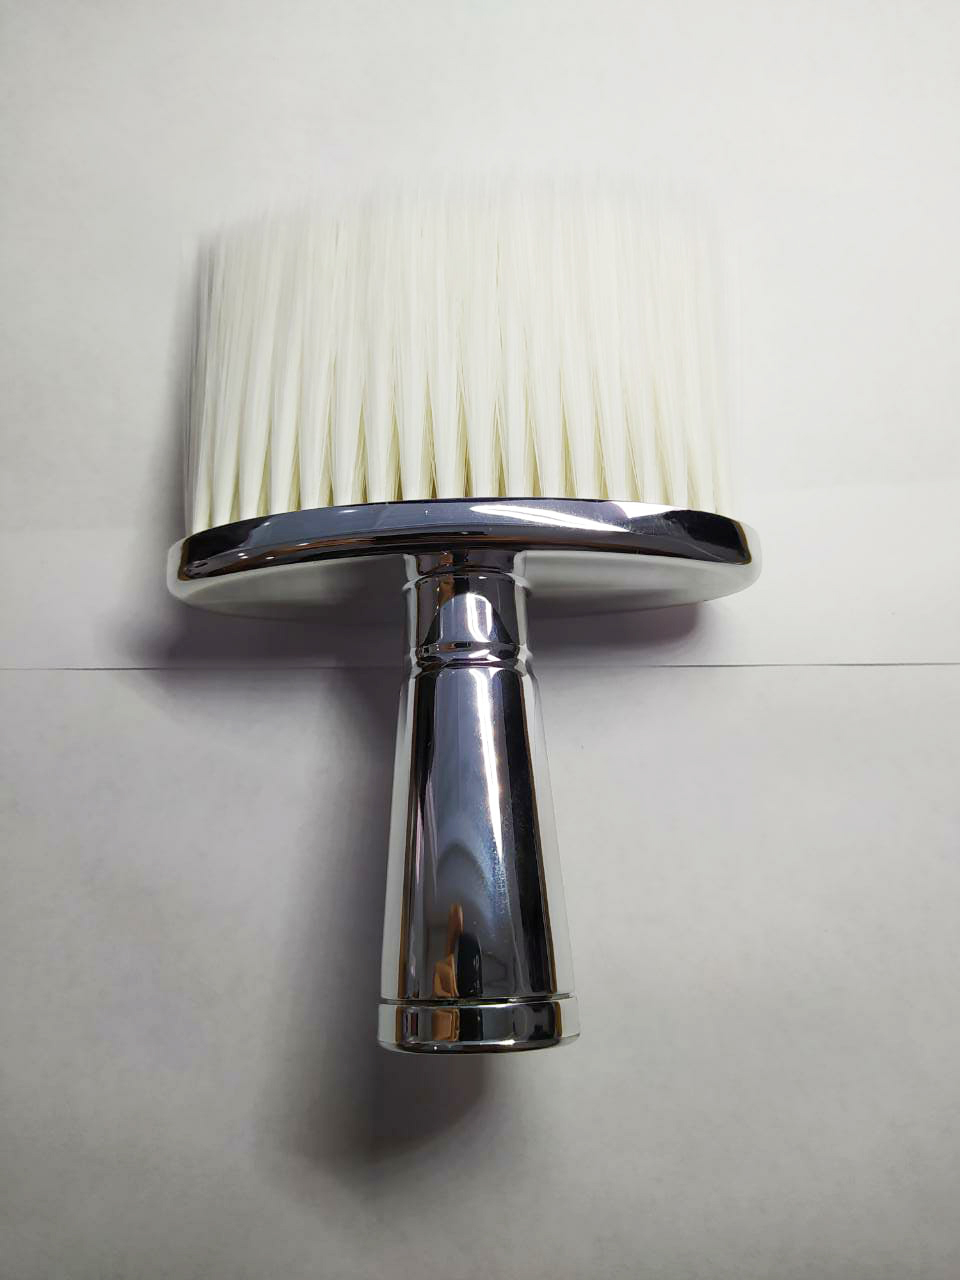 Espanador Pincel Para Barbeiro Cabeleireiro Profissional J060 Inox